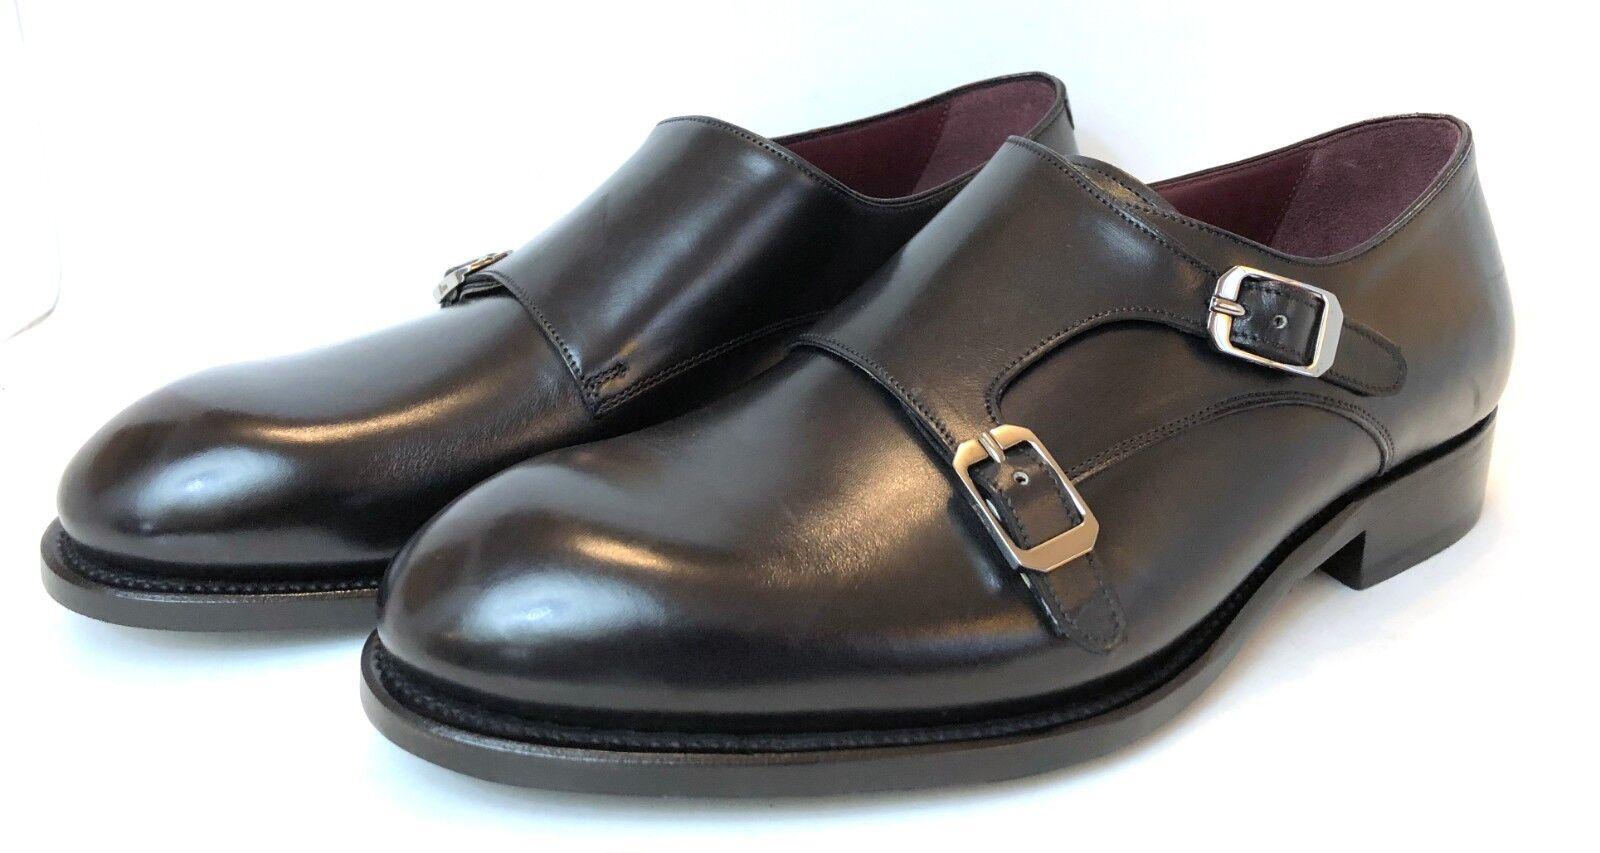 Brioni NEUF en Cuir Noir Double Moine Bracelet Formelle Chaussures USA 10 Eur 43 UK 9